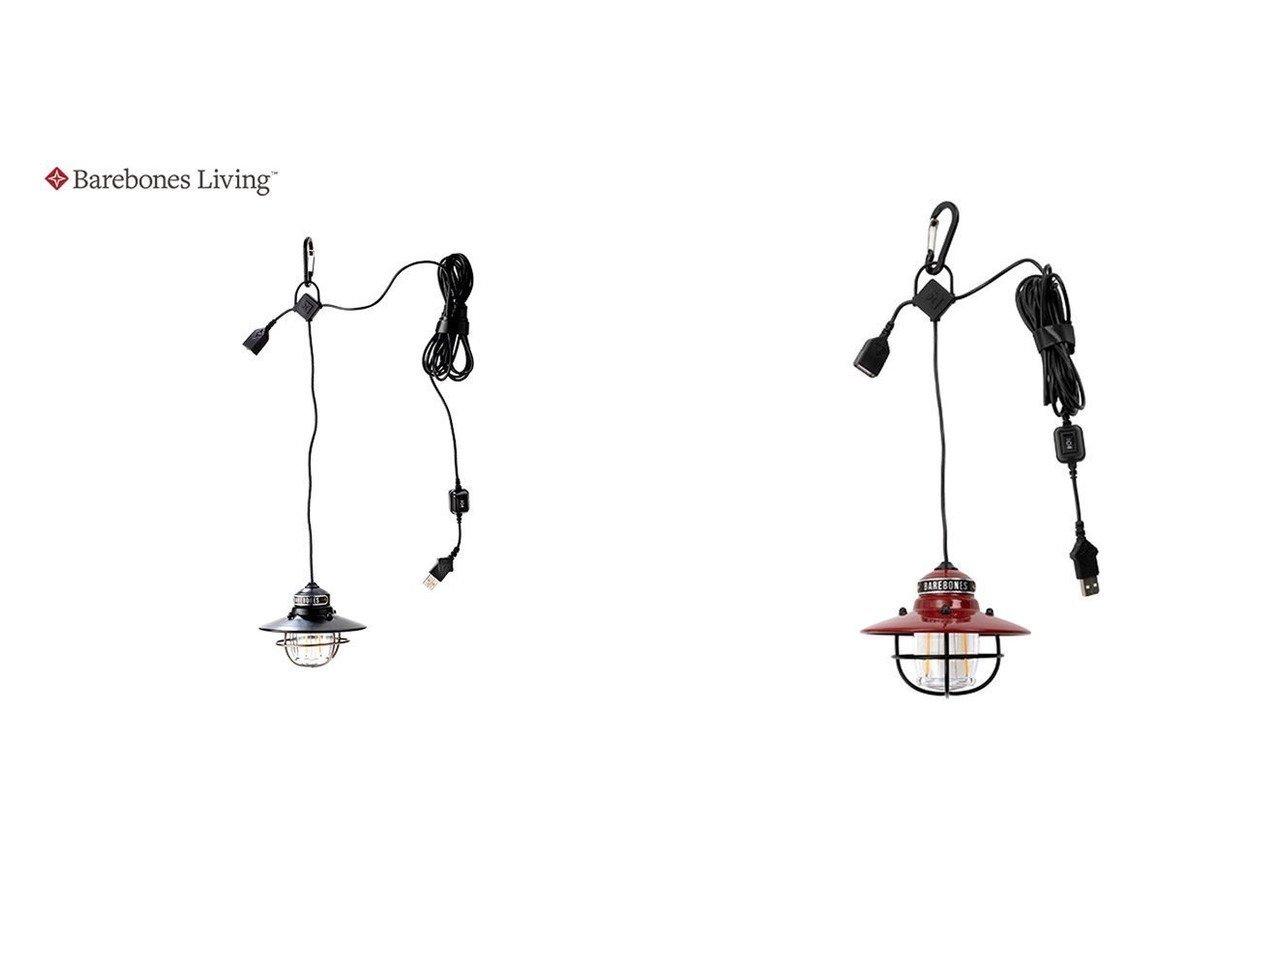 【Barebones Living/ベアボーンズリビング】のエジソン ペンダントライトLED 最大100ルーメン&BBL エジソン ペンダントライトLED ブロンズ 最大100ルーメン 【LEDランタン・ライト お家時間】おすすめ!人気キャンプ・アウトドア用品の通販 おすすめで人気の流行・トレンド、ファッションの通販商品 インテリア・家具・メンズファッション・キッズファッション・レディースファッション・服の通販 founy(ファニー) https://founy.com/ アウトドア アクセサリー ラップ ホーム・キャンプ・アウトドア Home,Garden,Outdoor,Camping Gear キャンプ用品・アウトドア  Camping Gear & Outdoor Supplies ランタン ライト Lantern, Light |ID:crp329100000053701